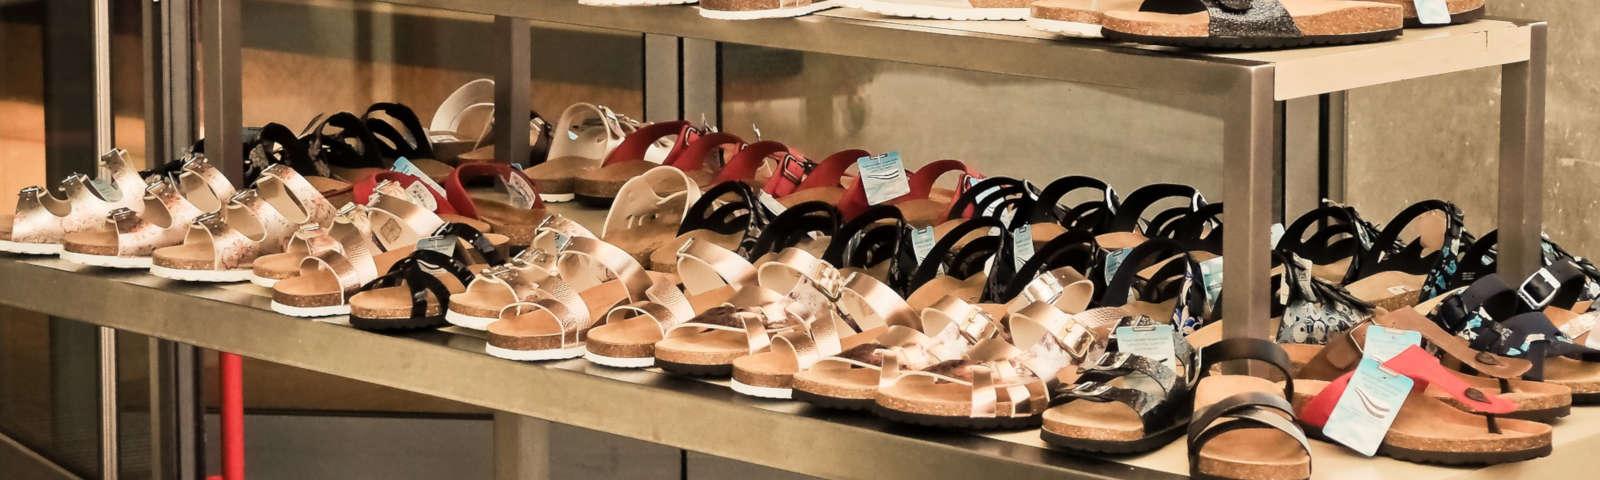 ab2f1dffe ☀ Основные виды женской обуви на лето ☀ | Блог интернет магазина ...